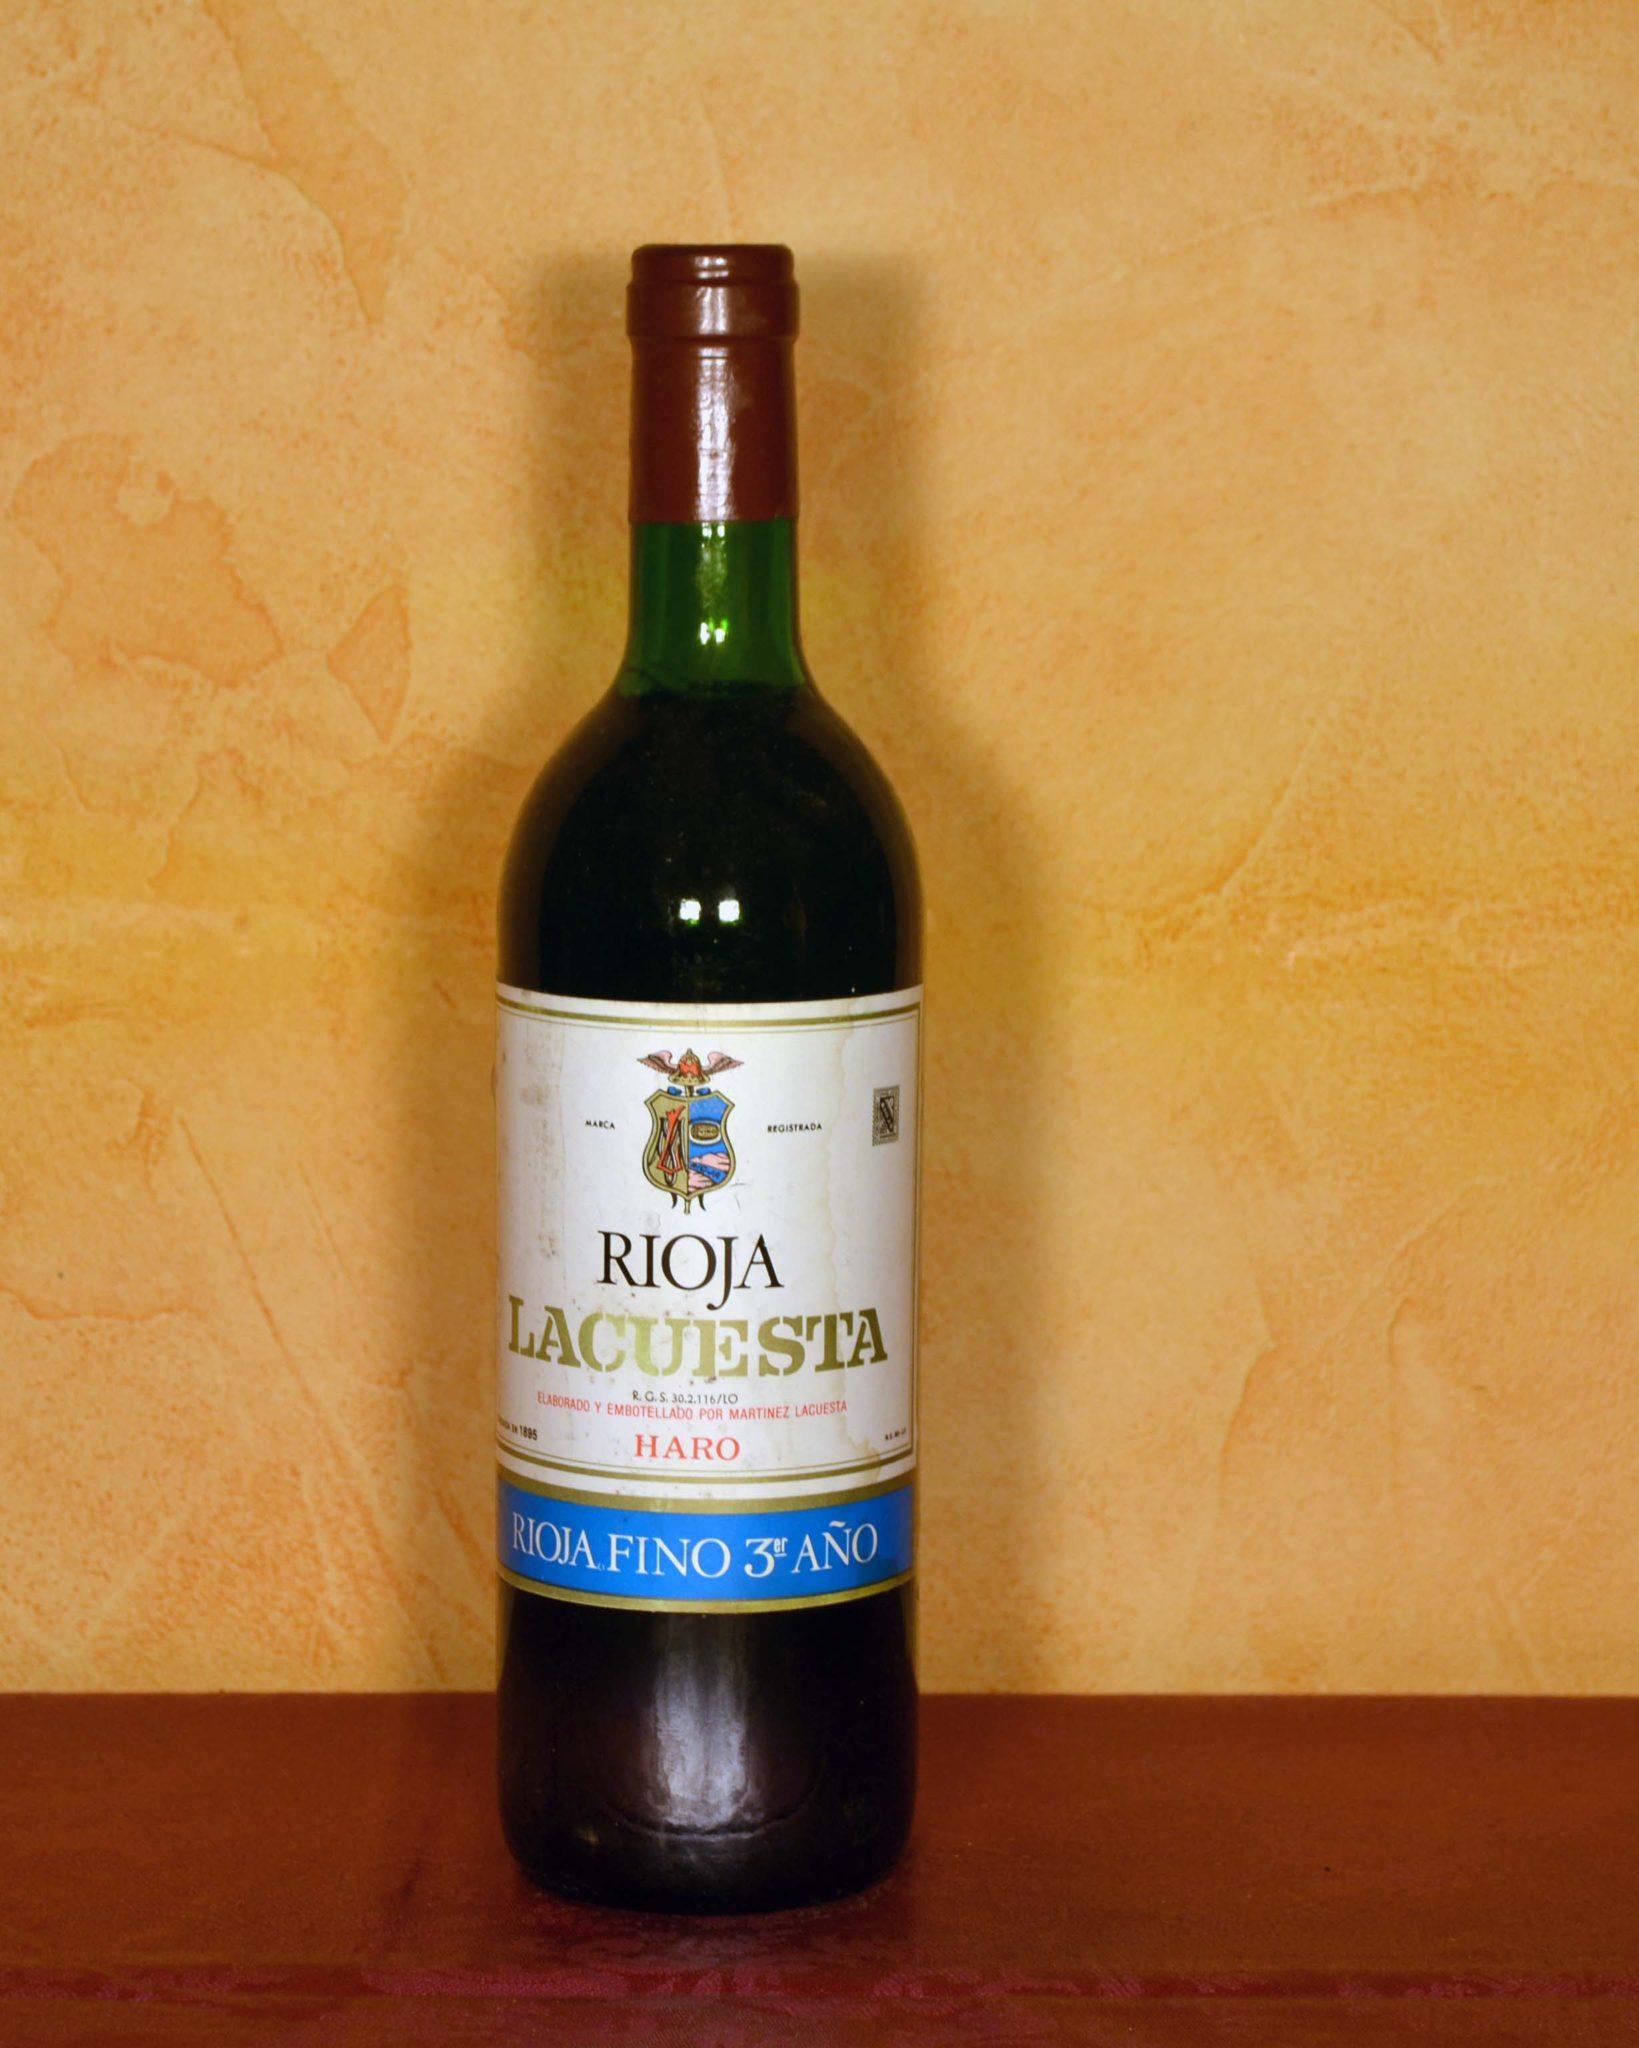 Lacuesta Fino Rioja 3rd Year 1980